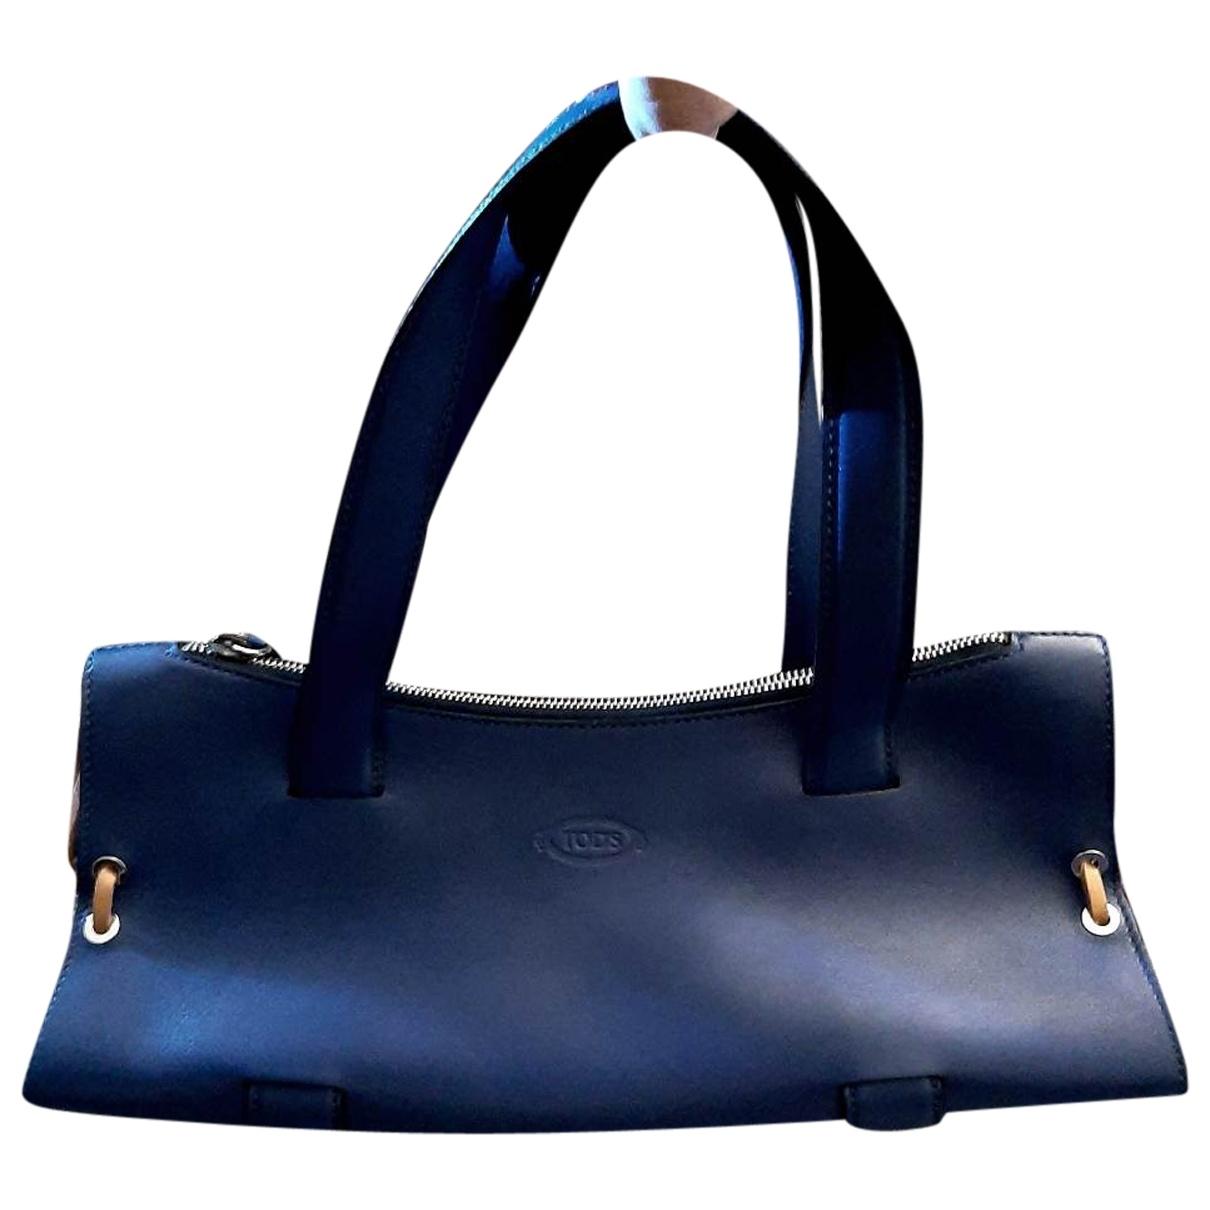 Tod's \N Blue Leather handbag for Women \N